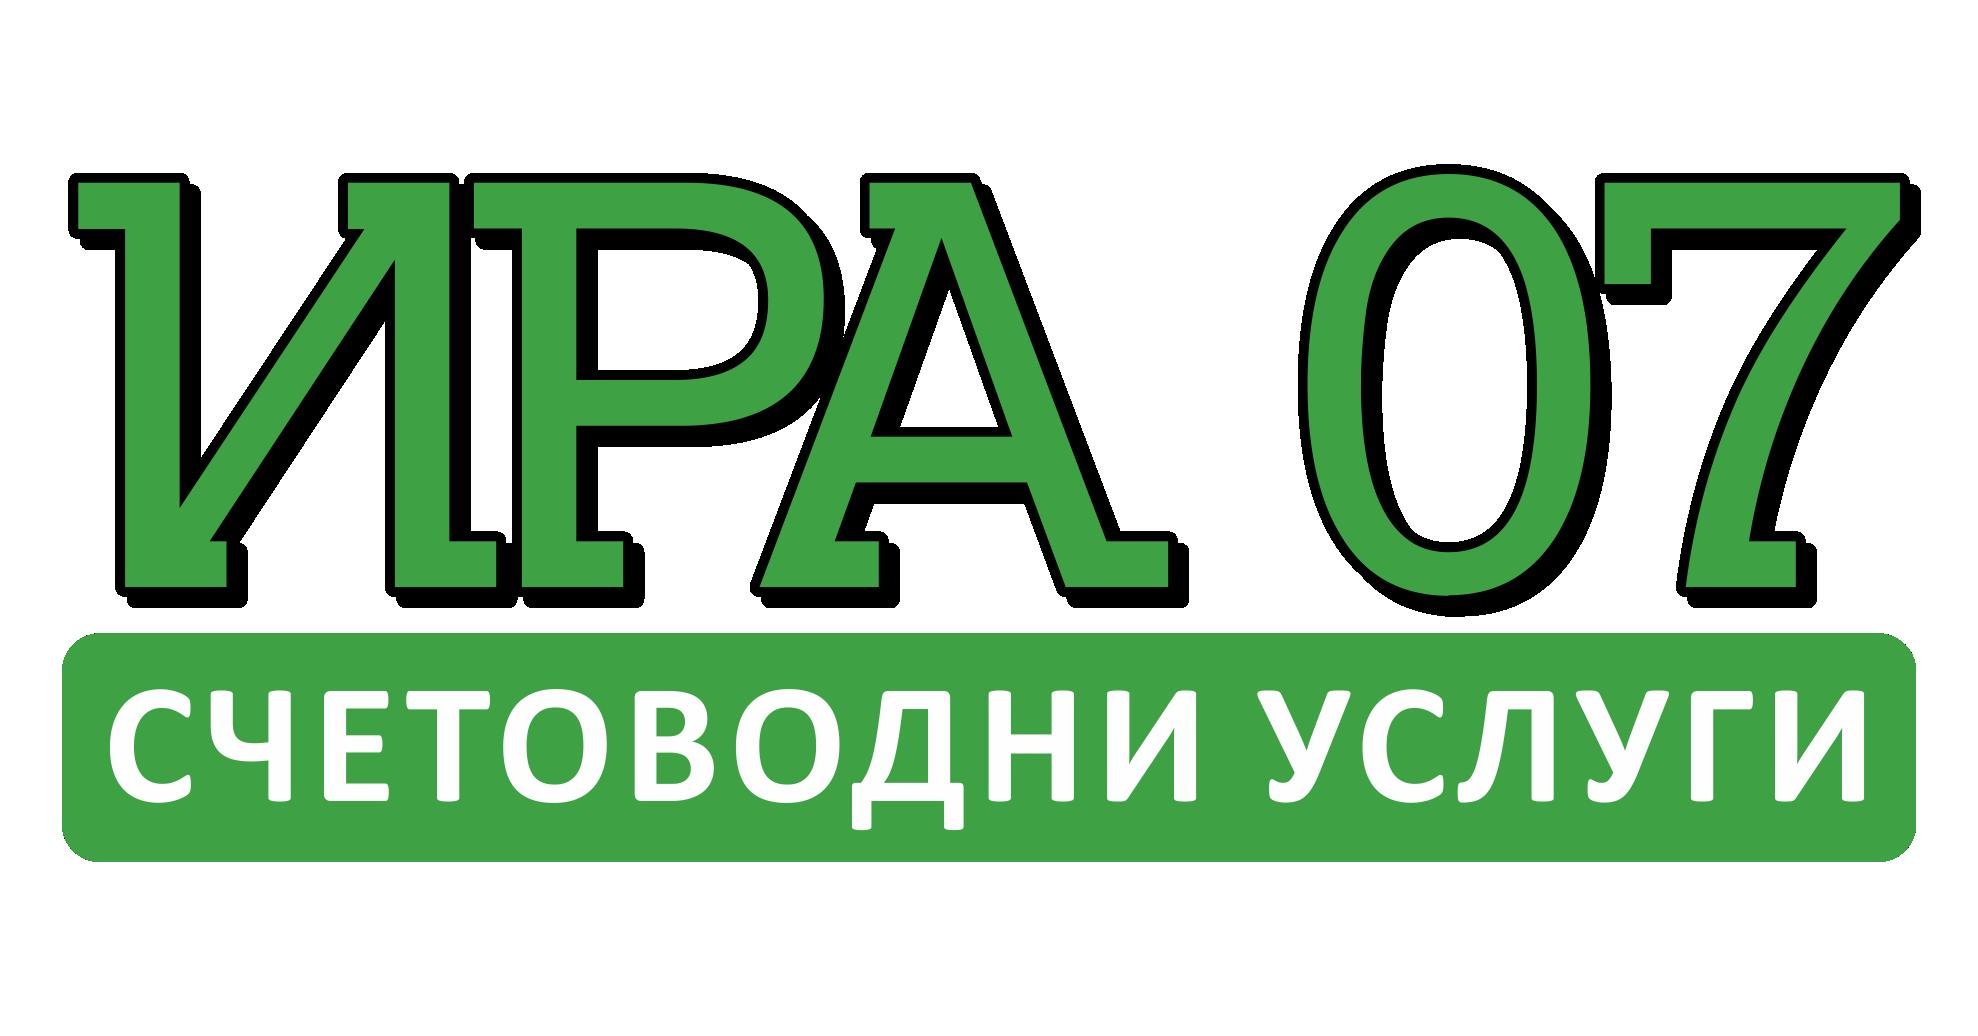 Счетоводни услуги Варна от Ира 07 ООД